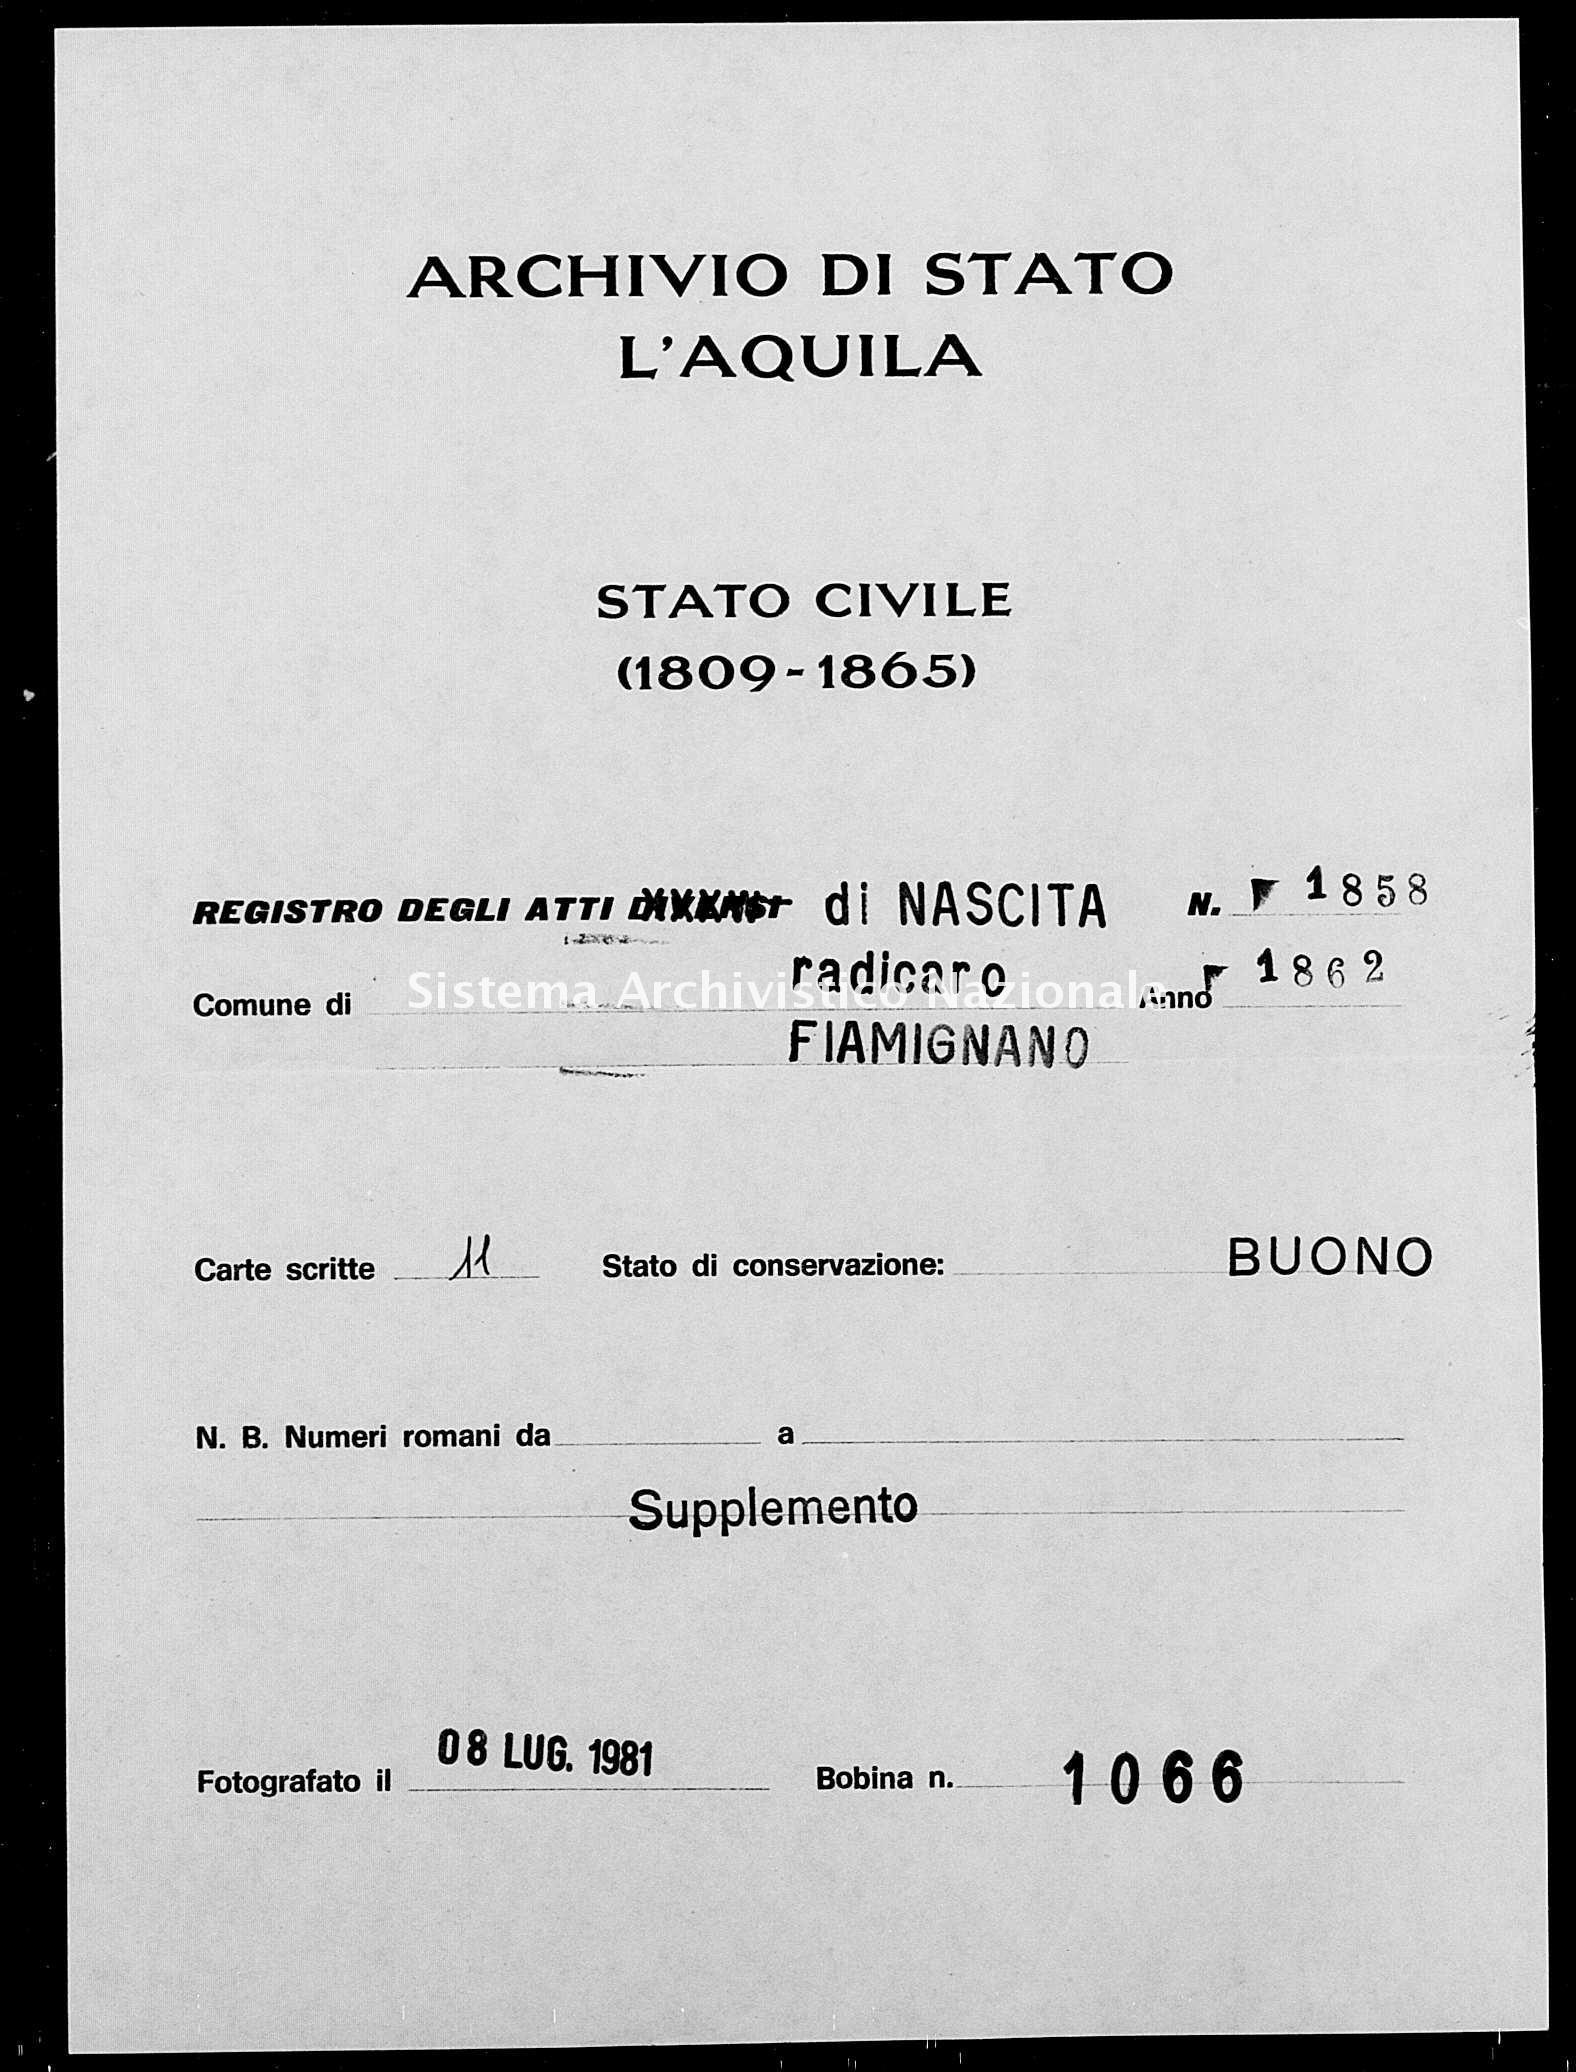 Archivio di stato di L'aquila - Stato civile italiano - Radicaro - Nati, battesimi - 1862 - 1858 -